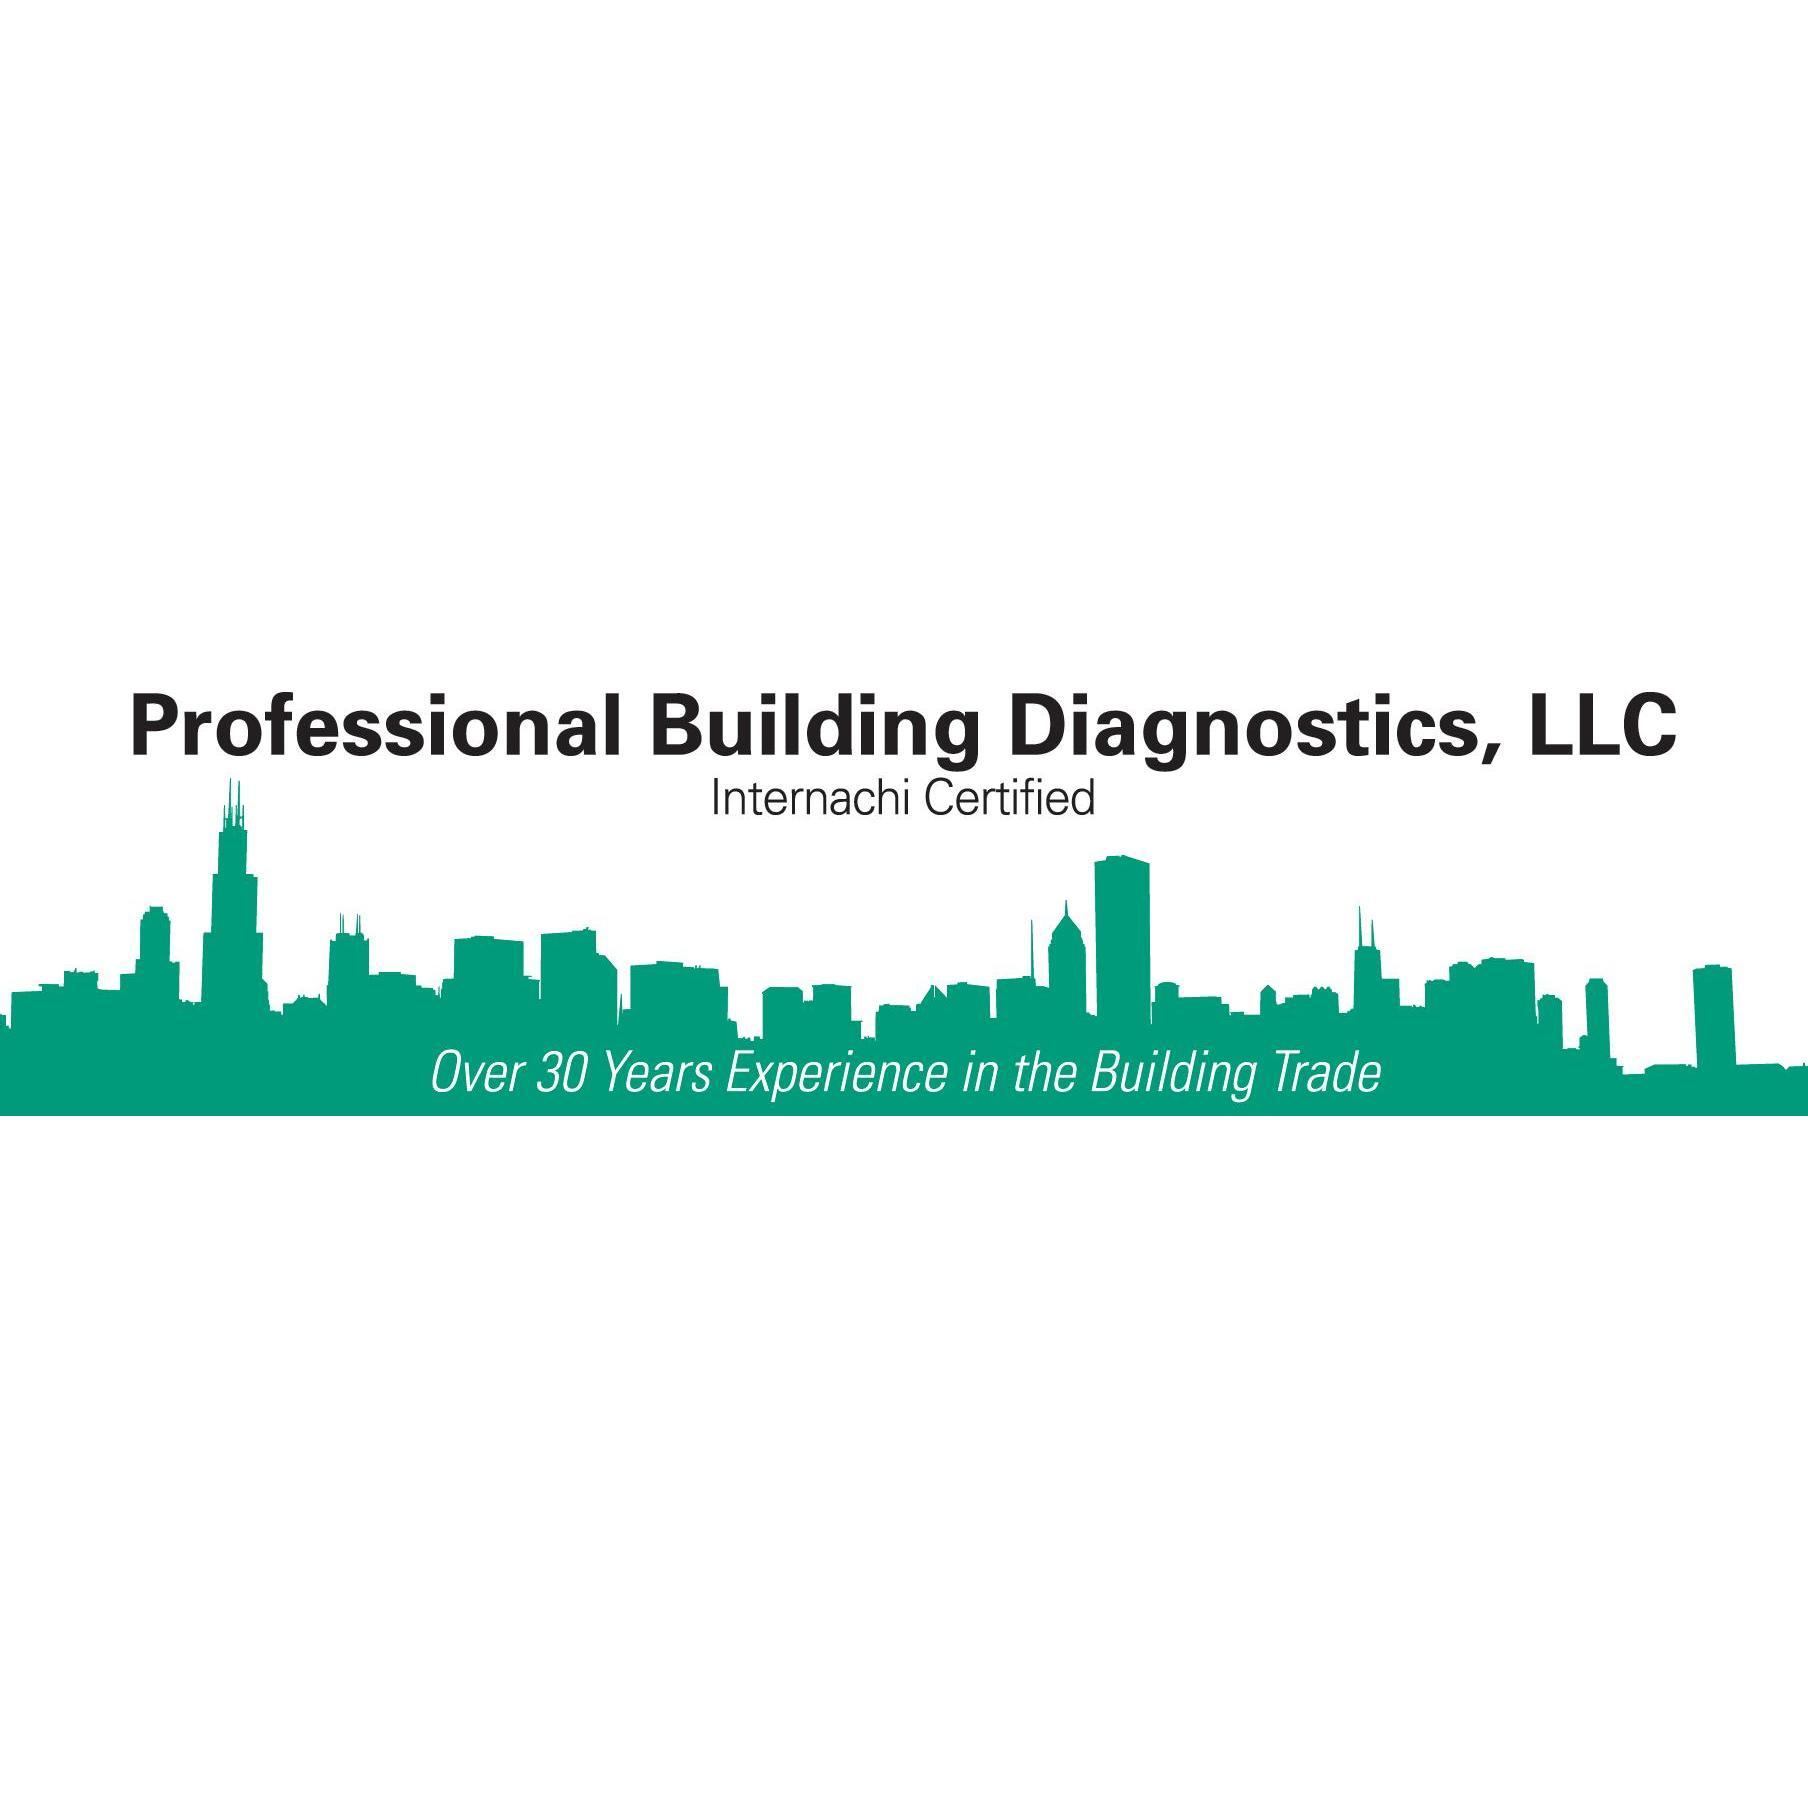 Professional Building Diagnostics L.L.C.